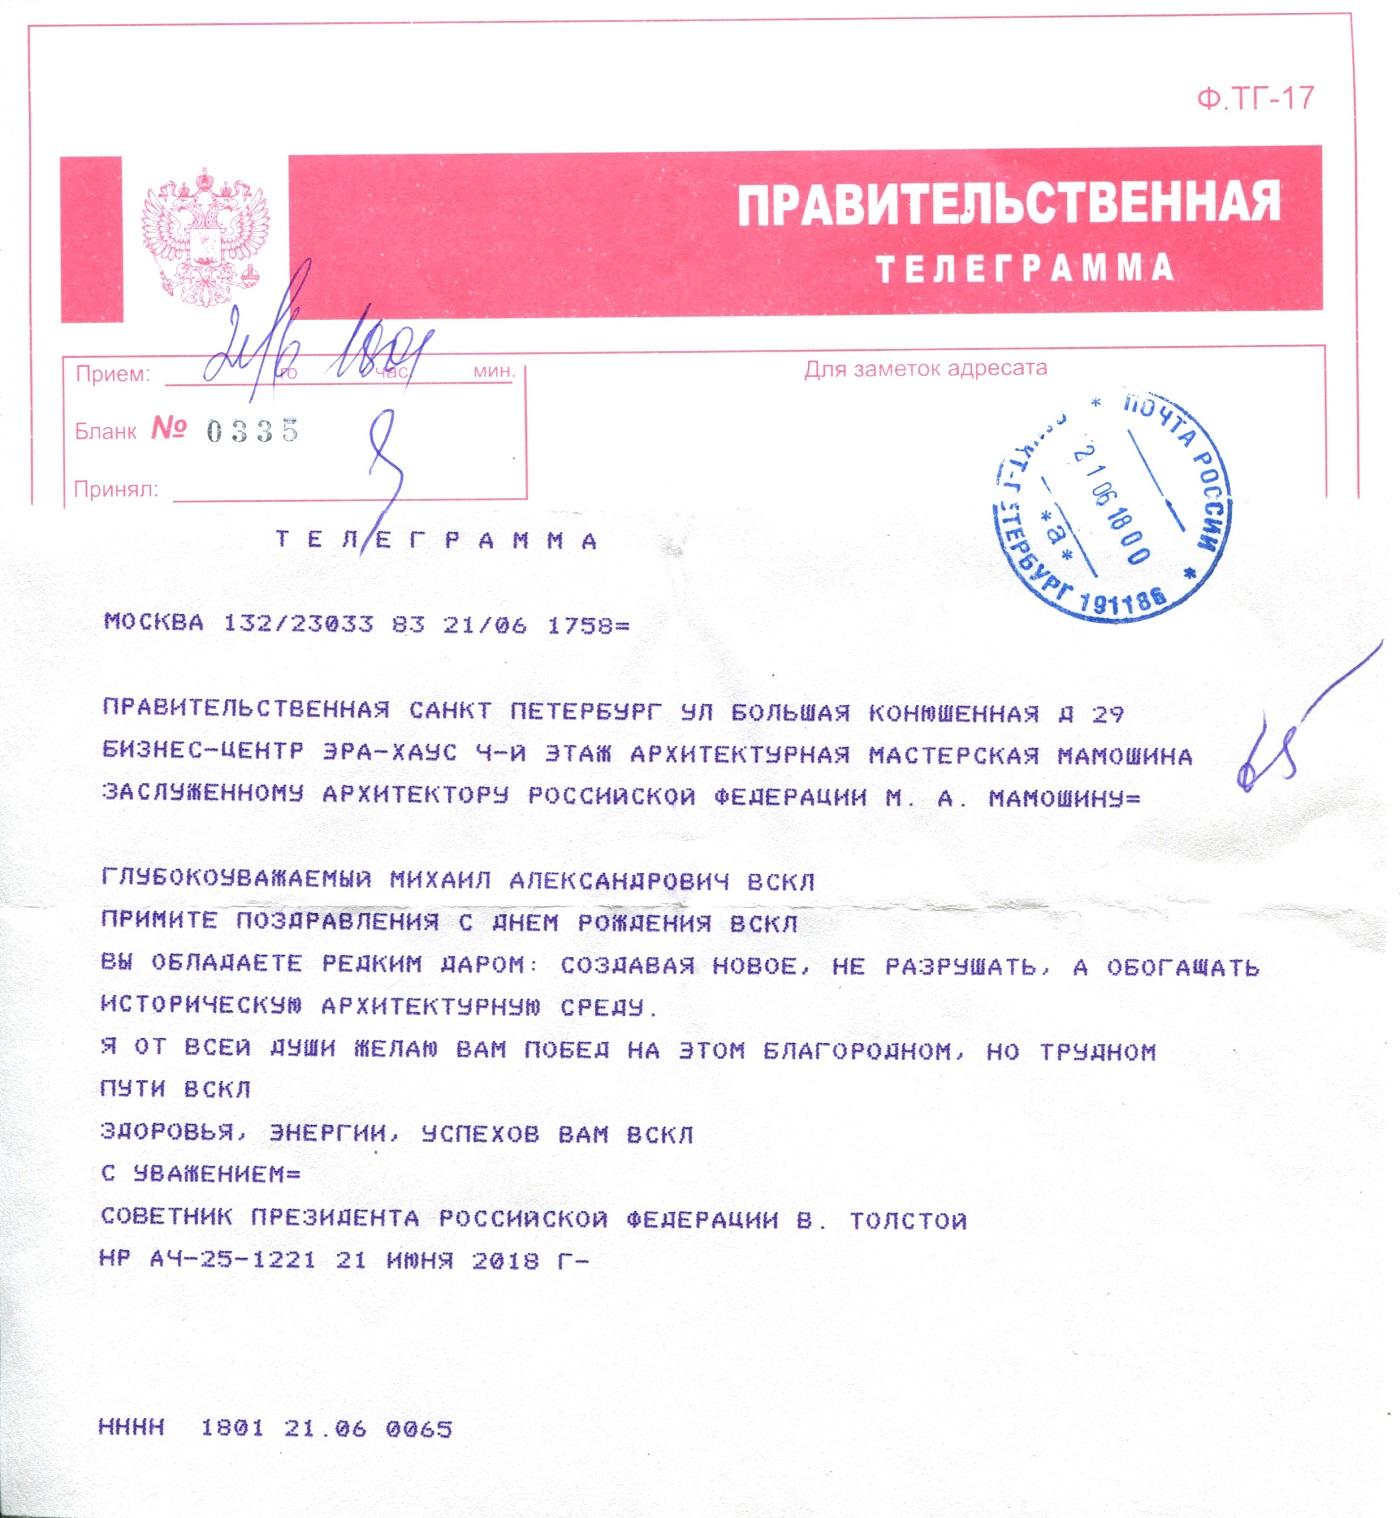 Правительственная телеграмма_22.06._web